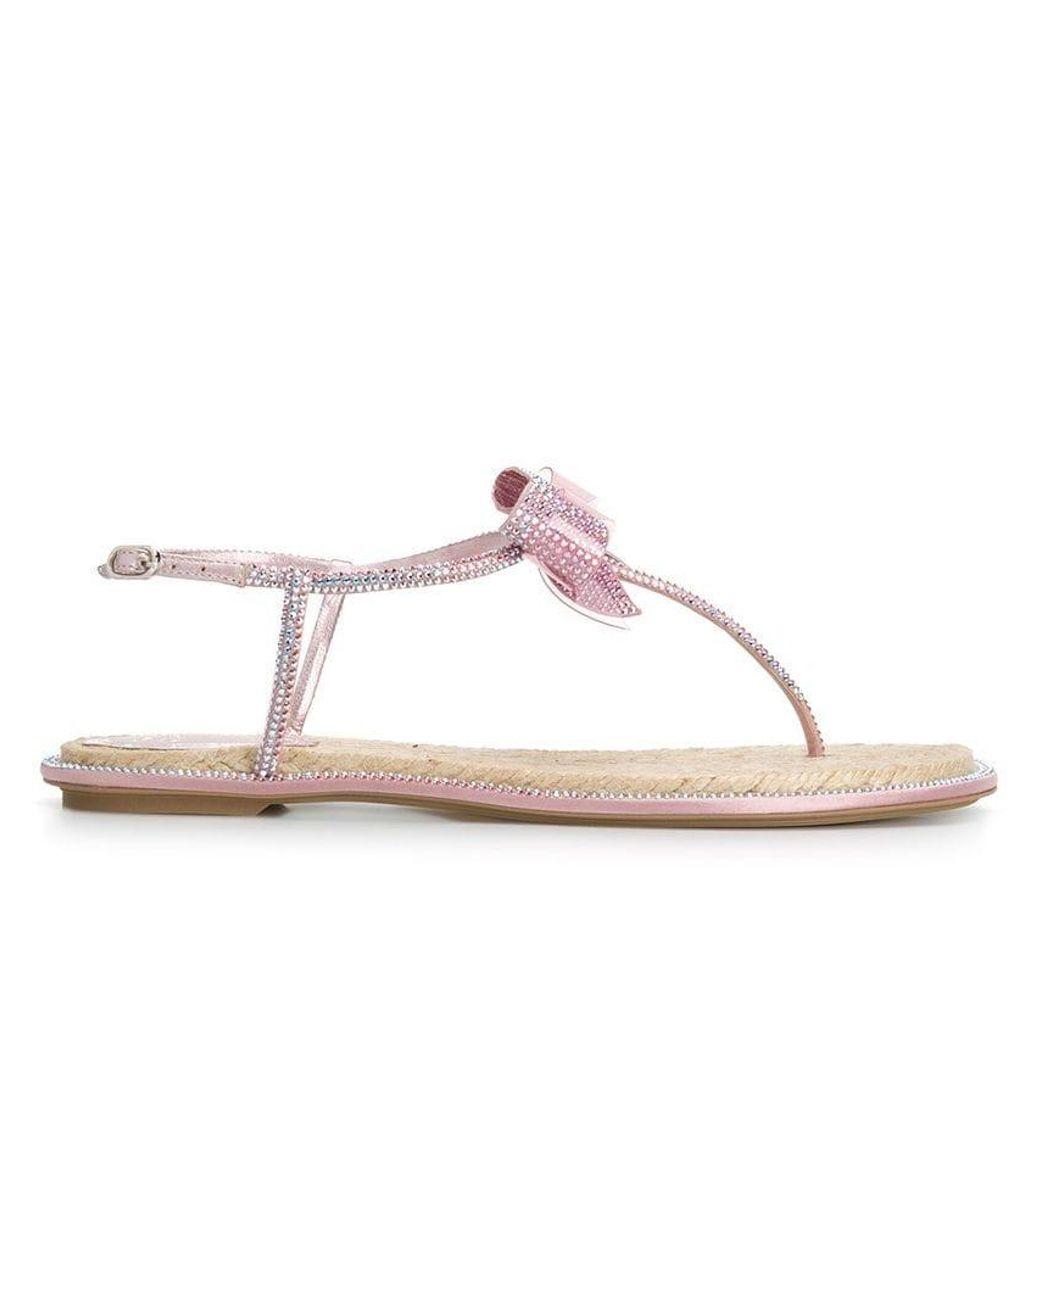 2b48997e383 Lyst - Rene Caovilla Catavina Flat Sandals in Pink